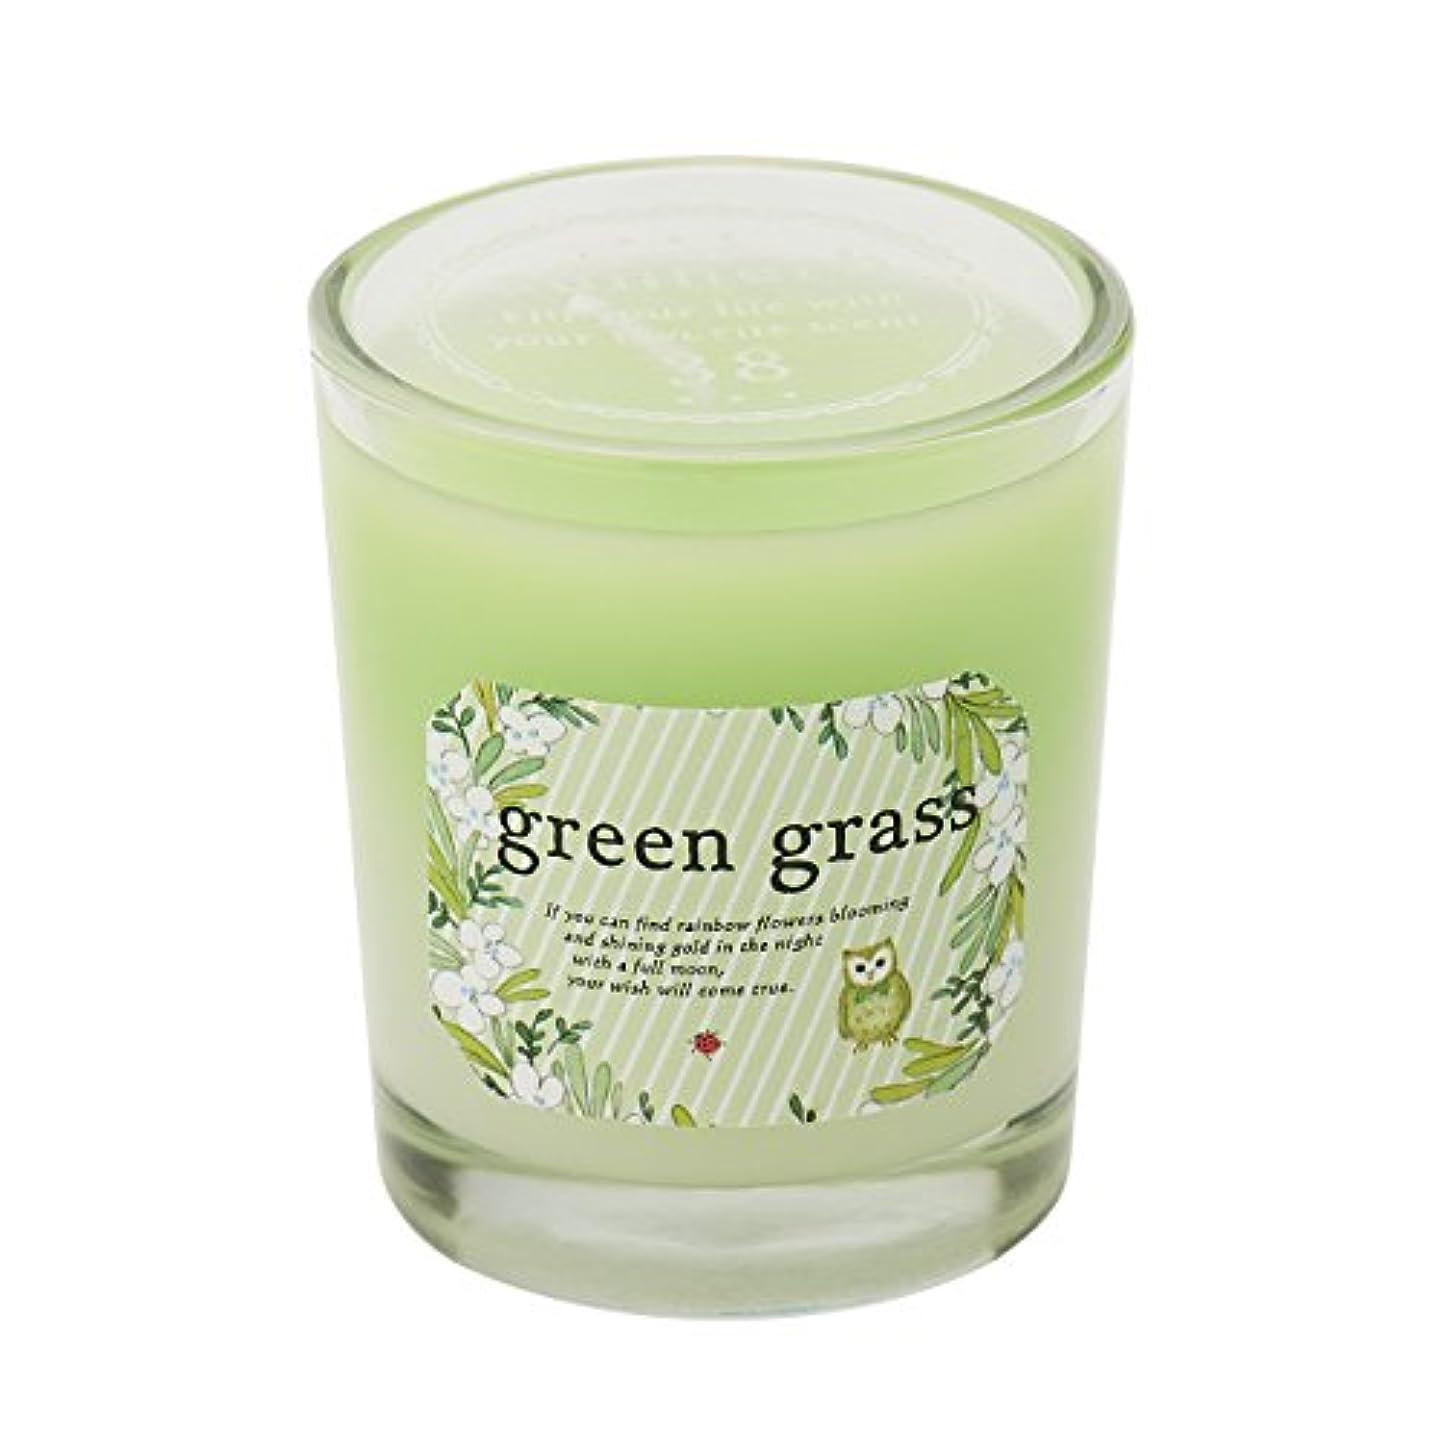 生き物守るみすぼらしいサンハーブ グラスキャンドル グリーングラス 35g(グラデーションろうそく 燃焼時間約10時間 爽やかでちょっと大人の香り)